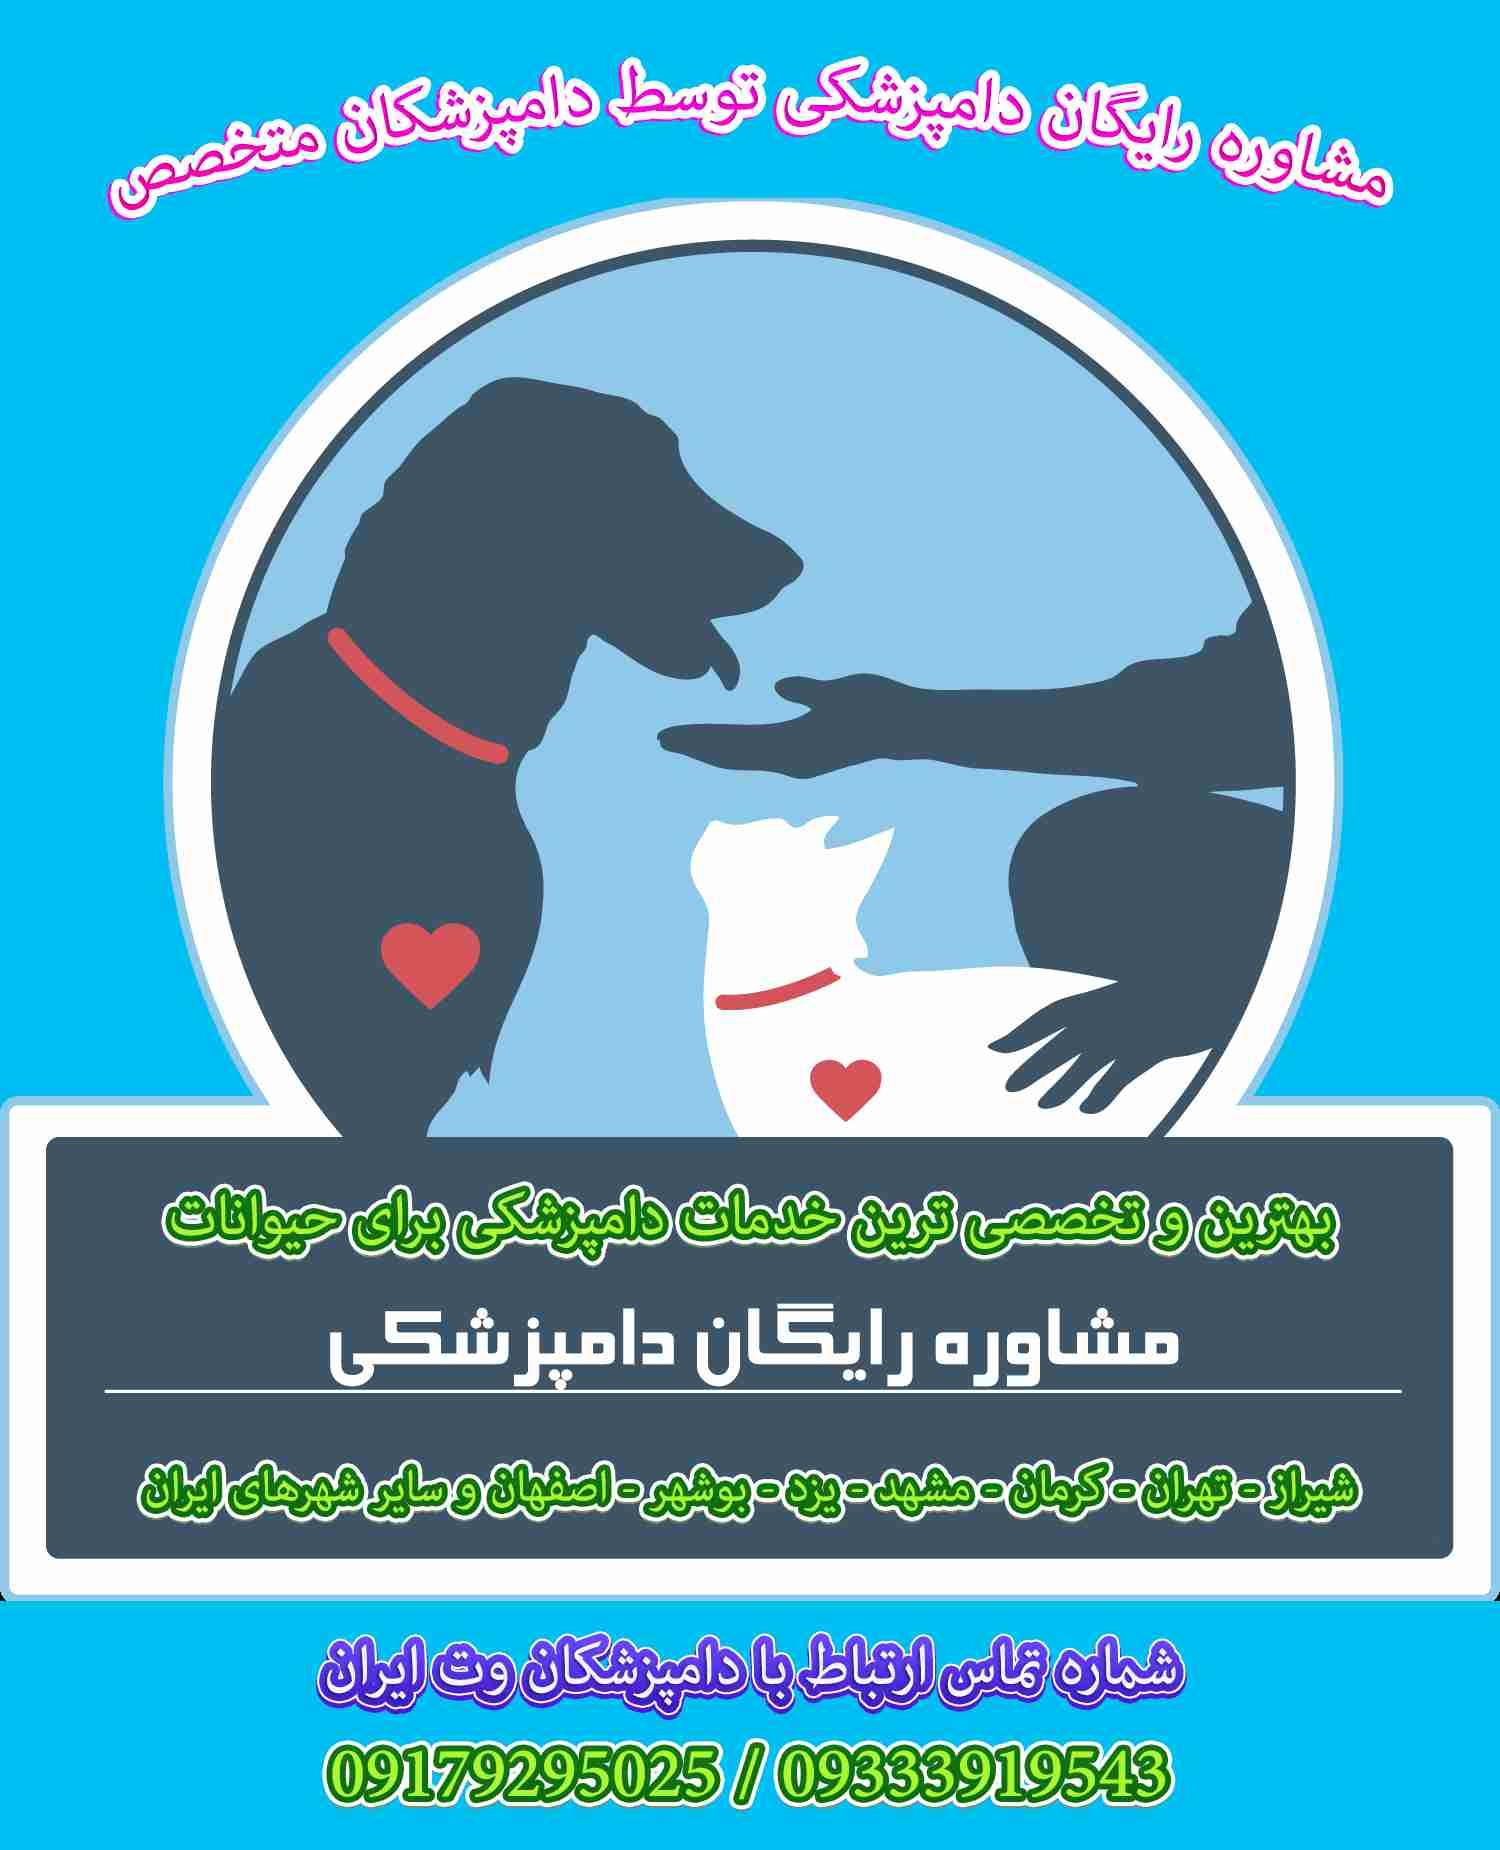 کلینیک دامپزشکی شیراز بیمارستان دامپزشکی سگ و گربه در شیراز